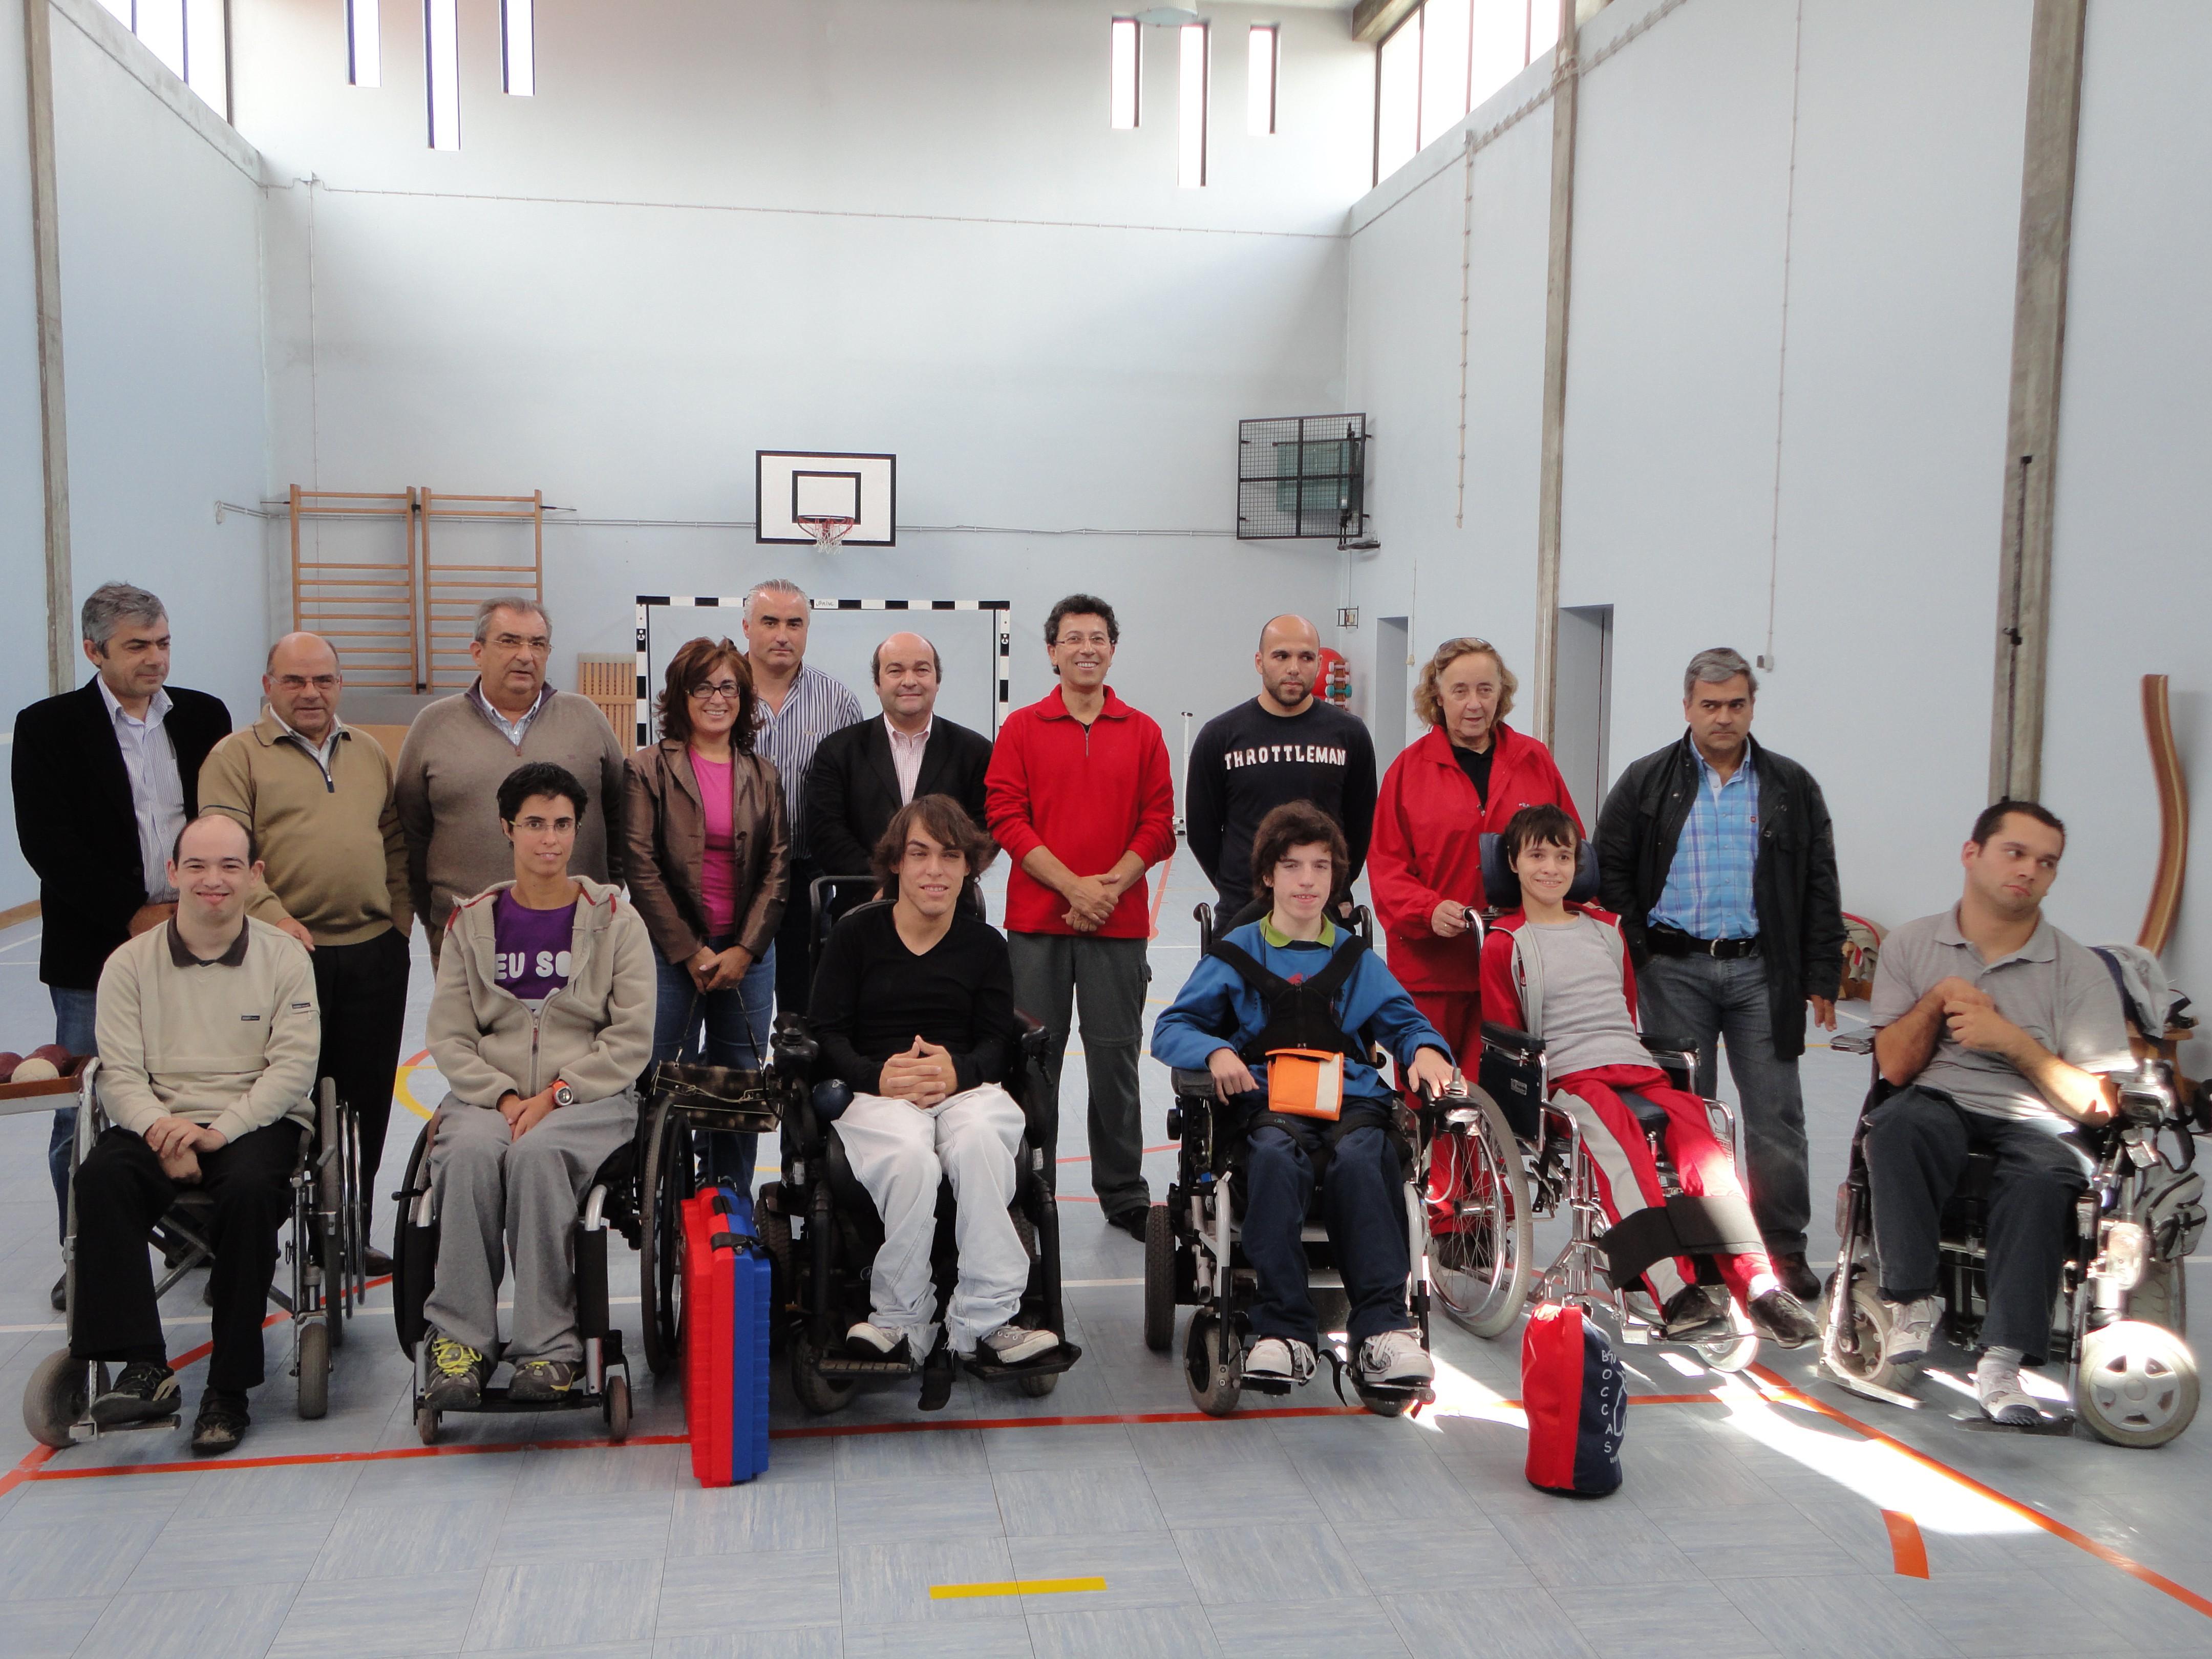 Inauguração contou com atletas que participaram no último estágio da selecção nacional de boccia, realizado em Oliveira de Azeméis